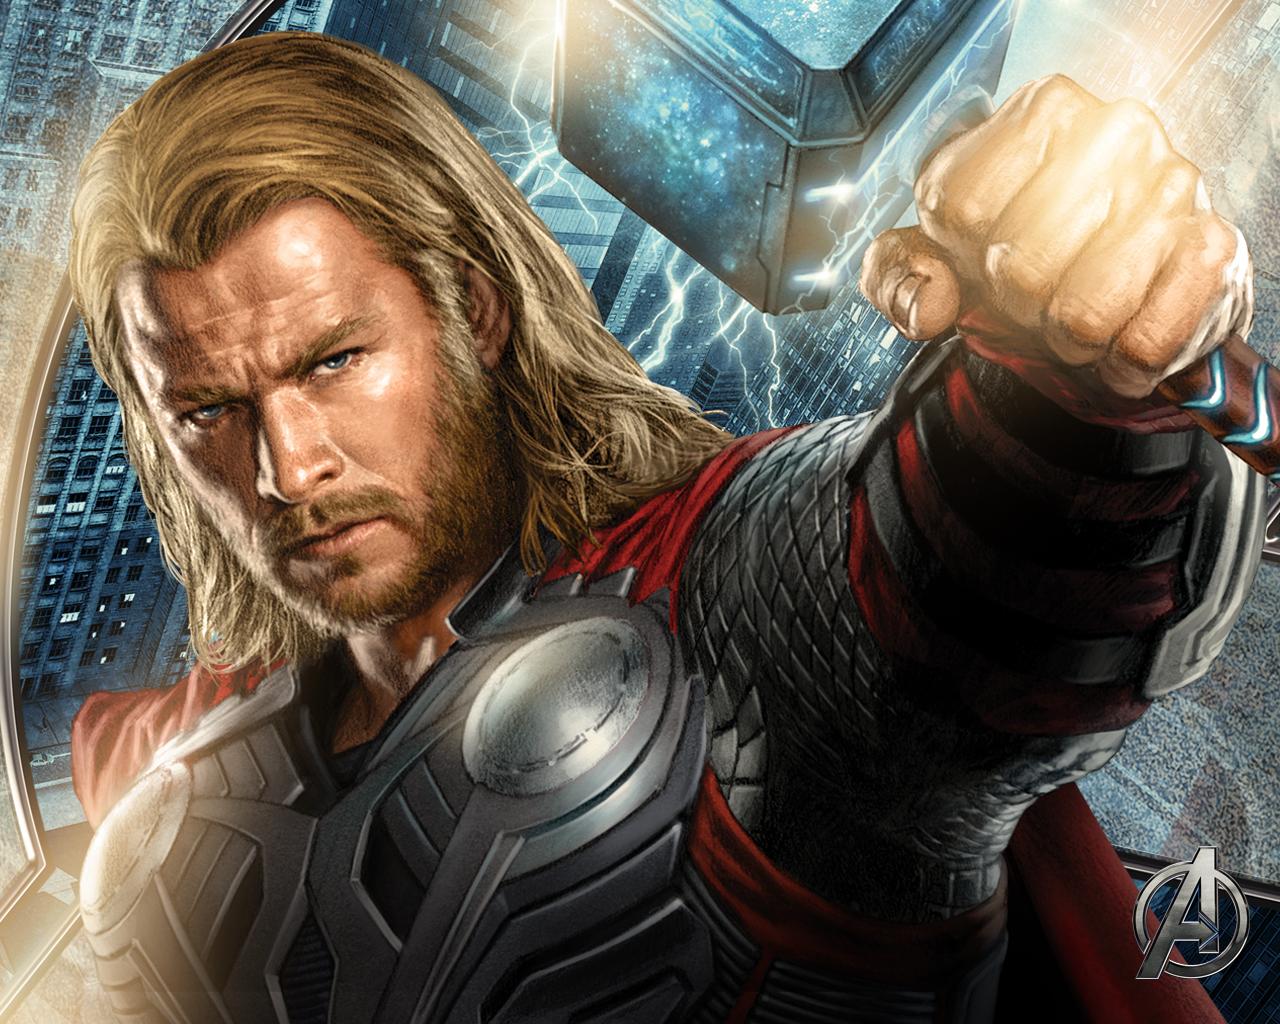 Good Wallpaper Marvel Thor - Avengers-wallpaper-2-Thor  Gallery_474644.jpg